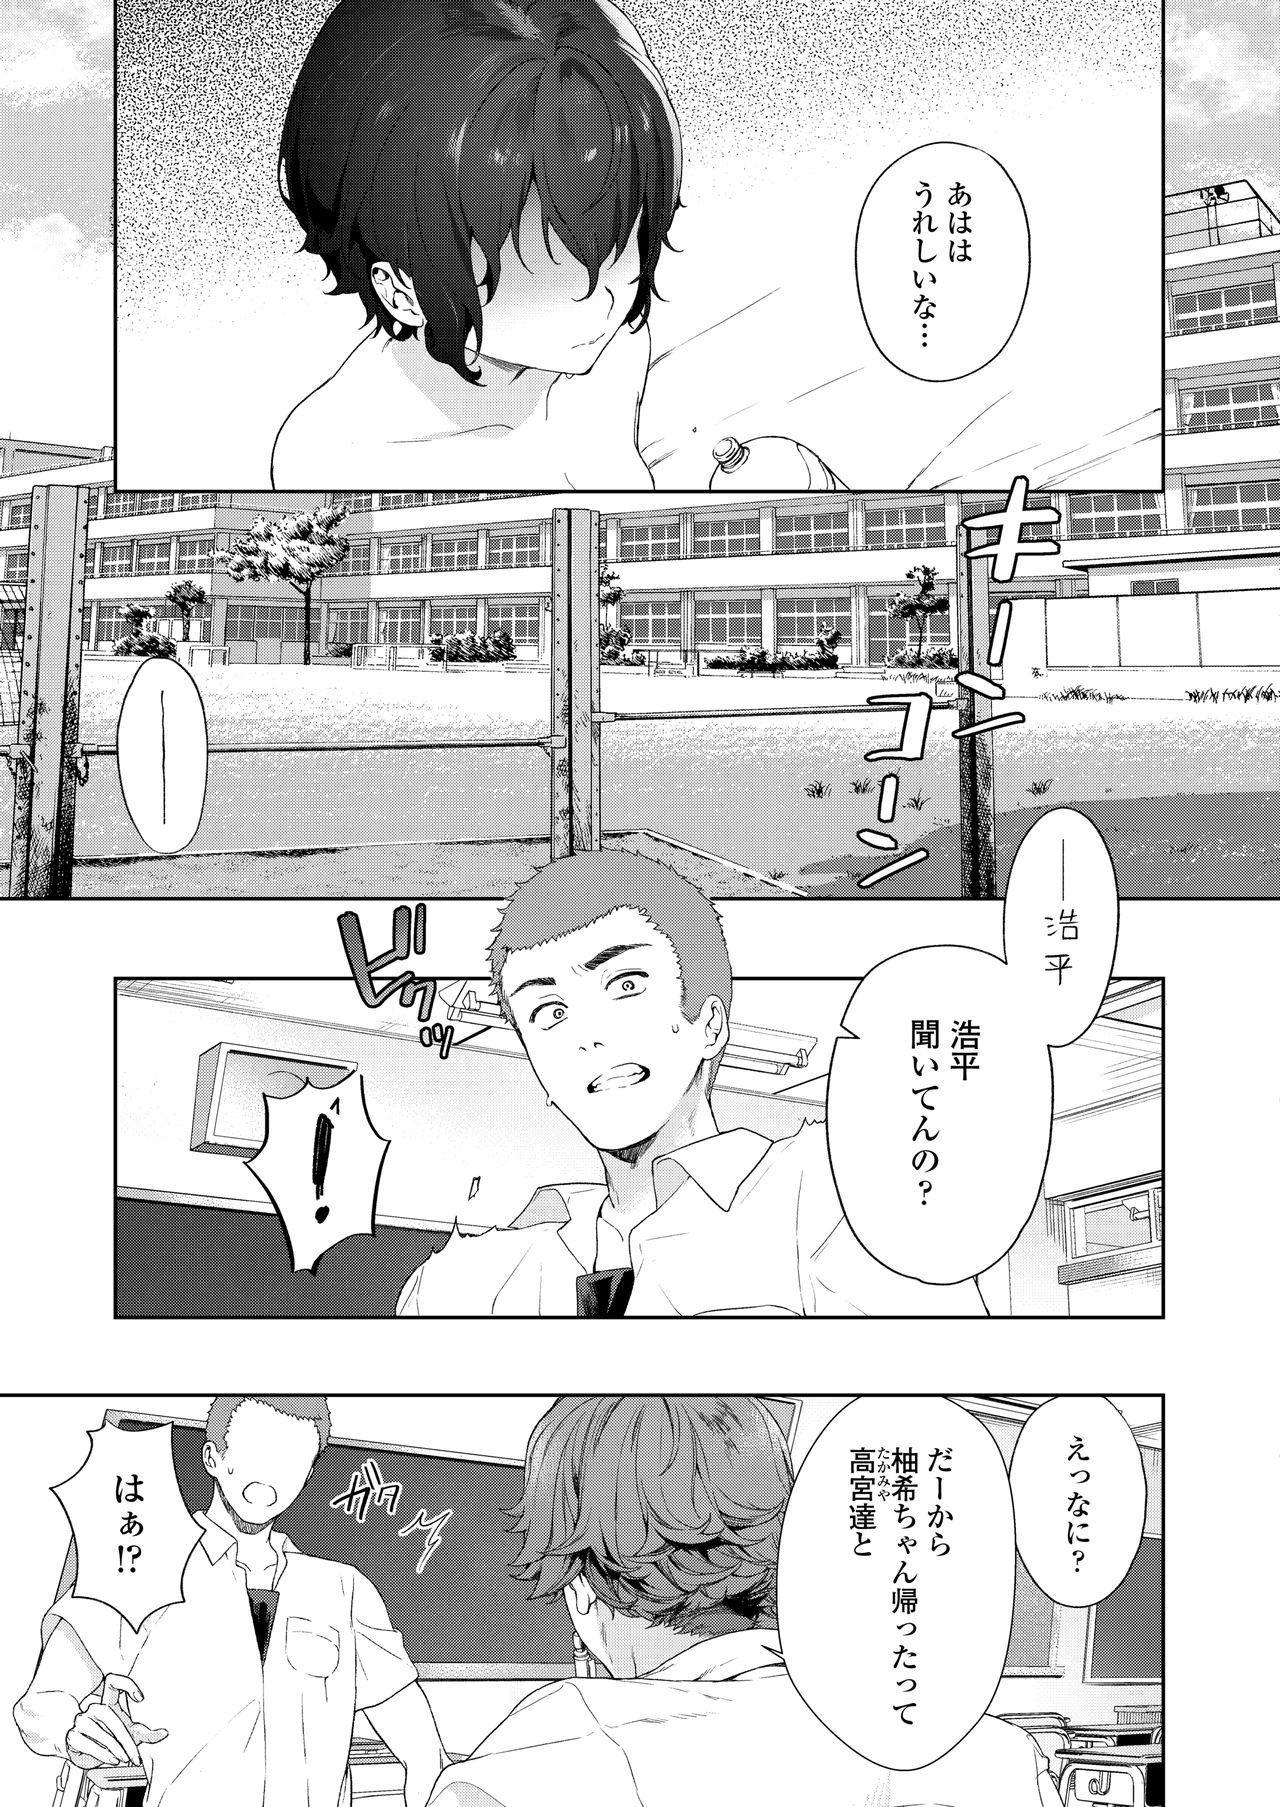 COMIC AOHA 2020 Natsu 4